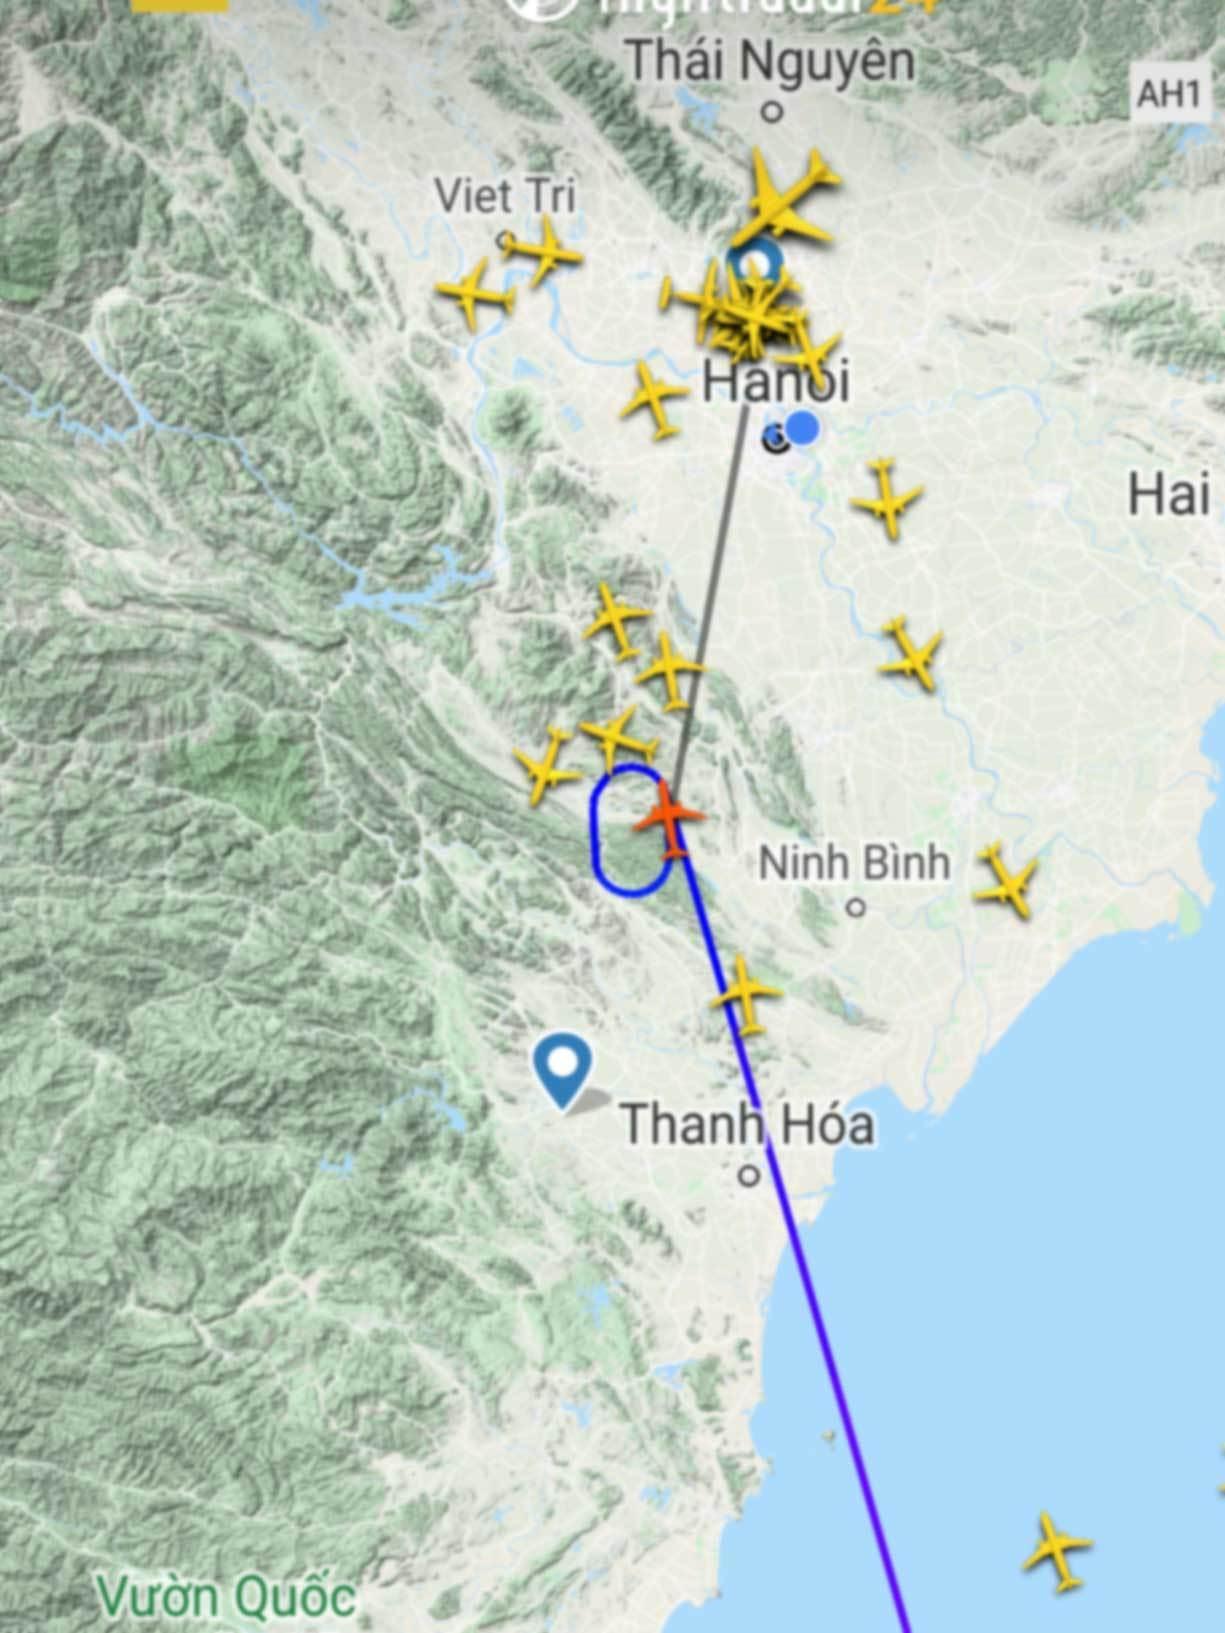 Khách mệt mỏi ngồi chờ hàng giờ trên máy bay ở Hà Nội và TP.HCM-4